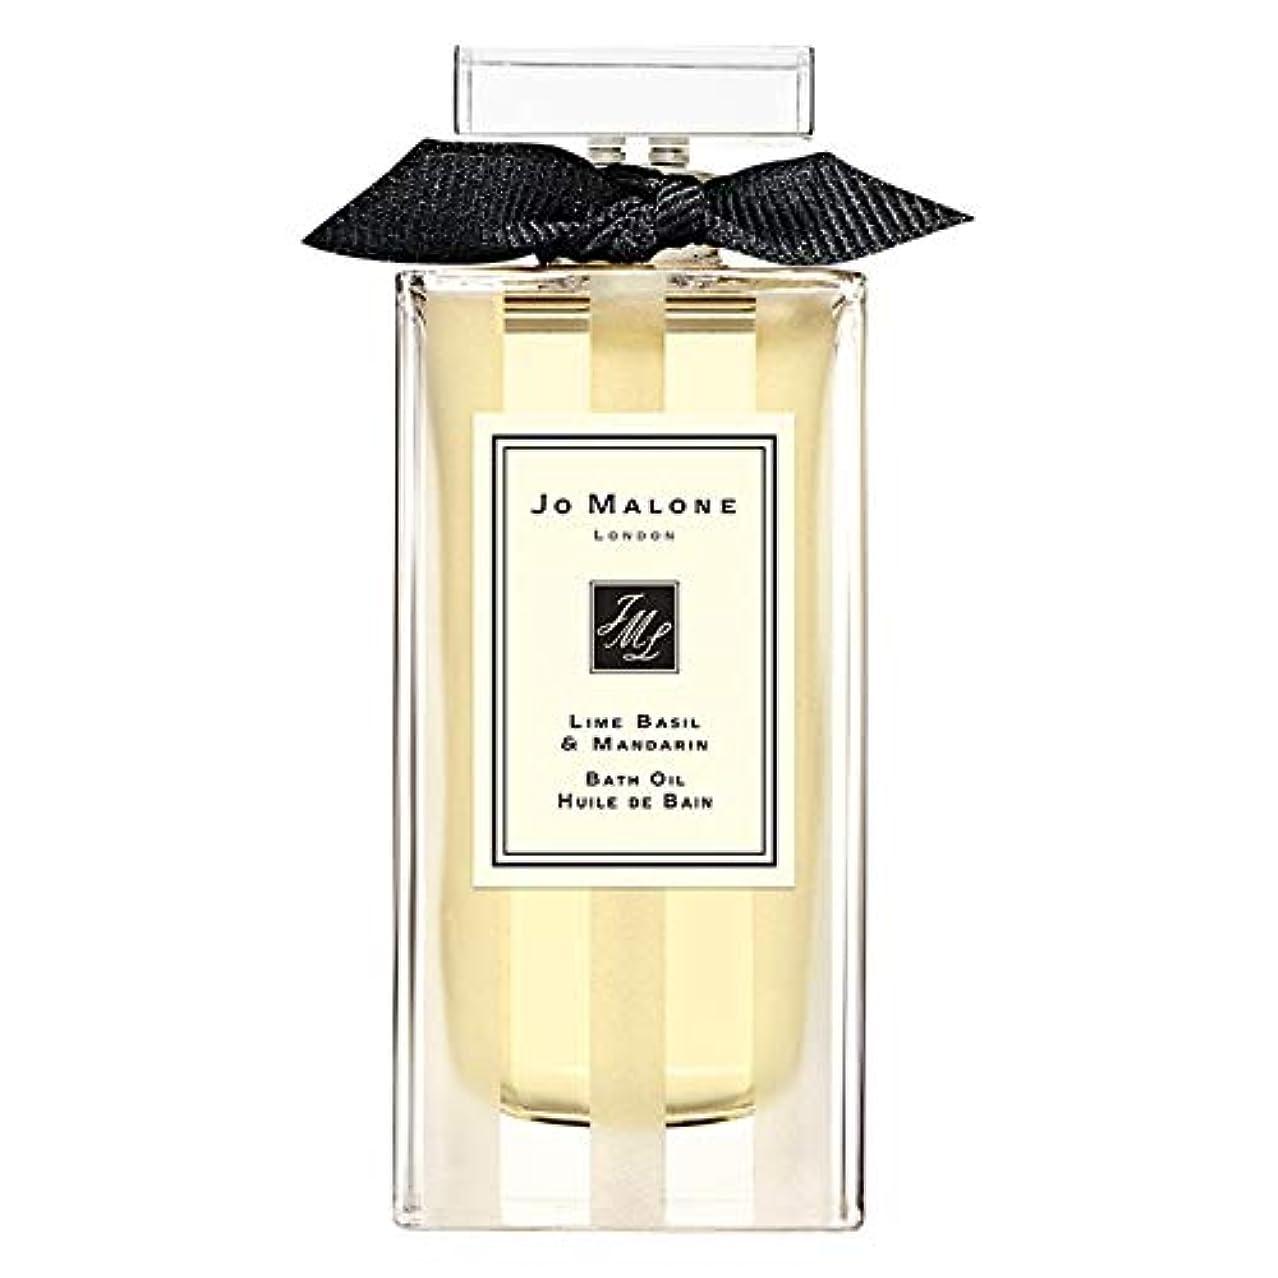 髄天使松明[Jo Malone ] ジョーマローンロンドンライムバジル&マンダリンバスオイル30ミリリットル - Jo Malone London Lime Basil & Mandarin Bath Oil 30ml [並行輸入品]